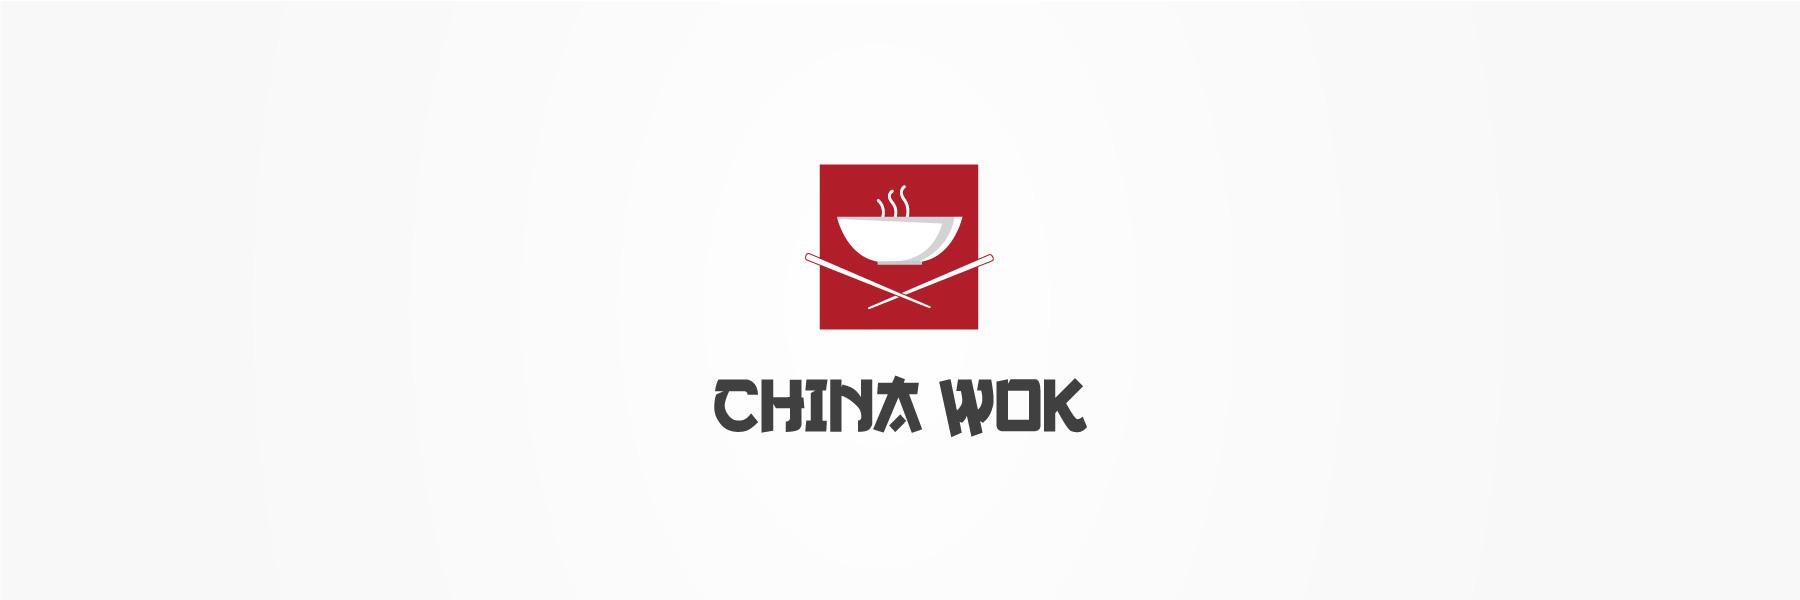 china-wok-logo-design